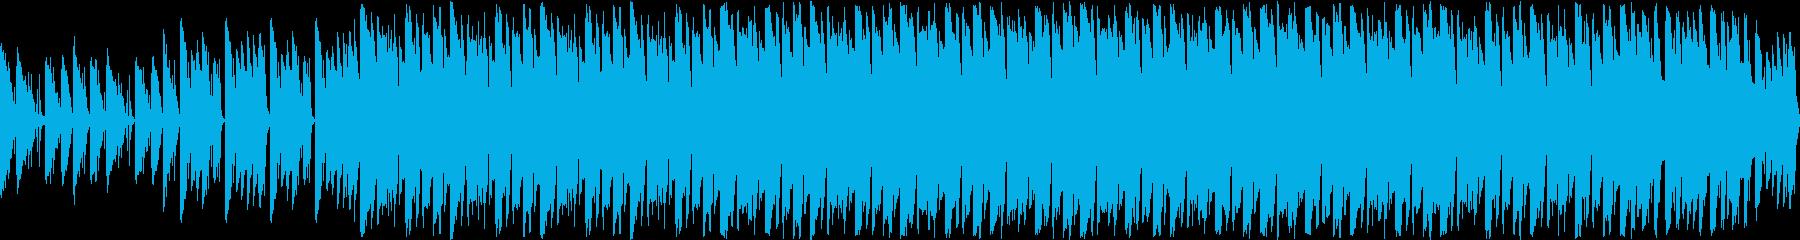 ピアノによる明るくポップなループ曲の再生済みの波形